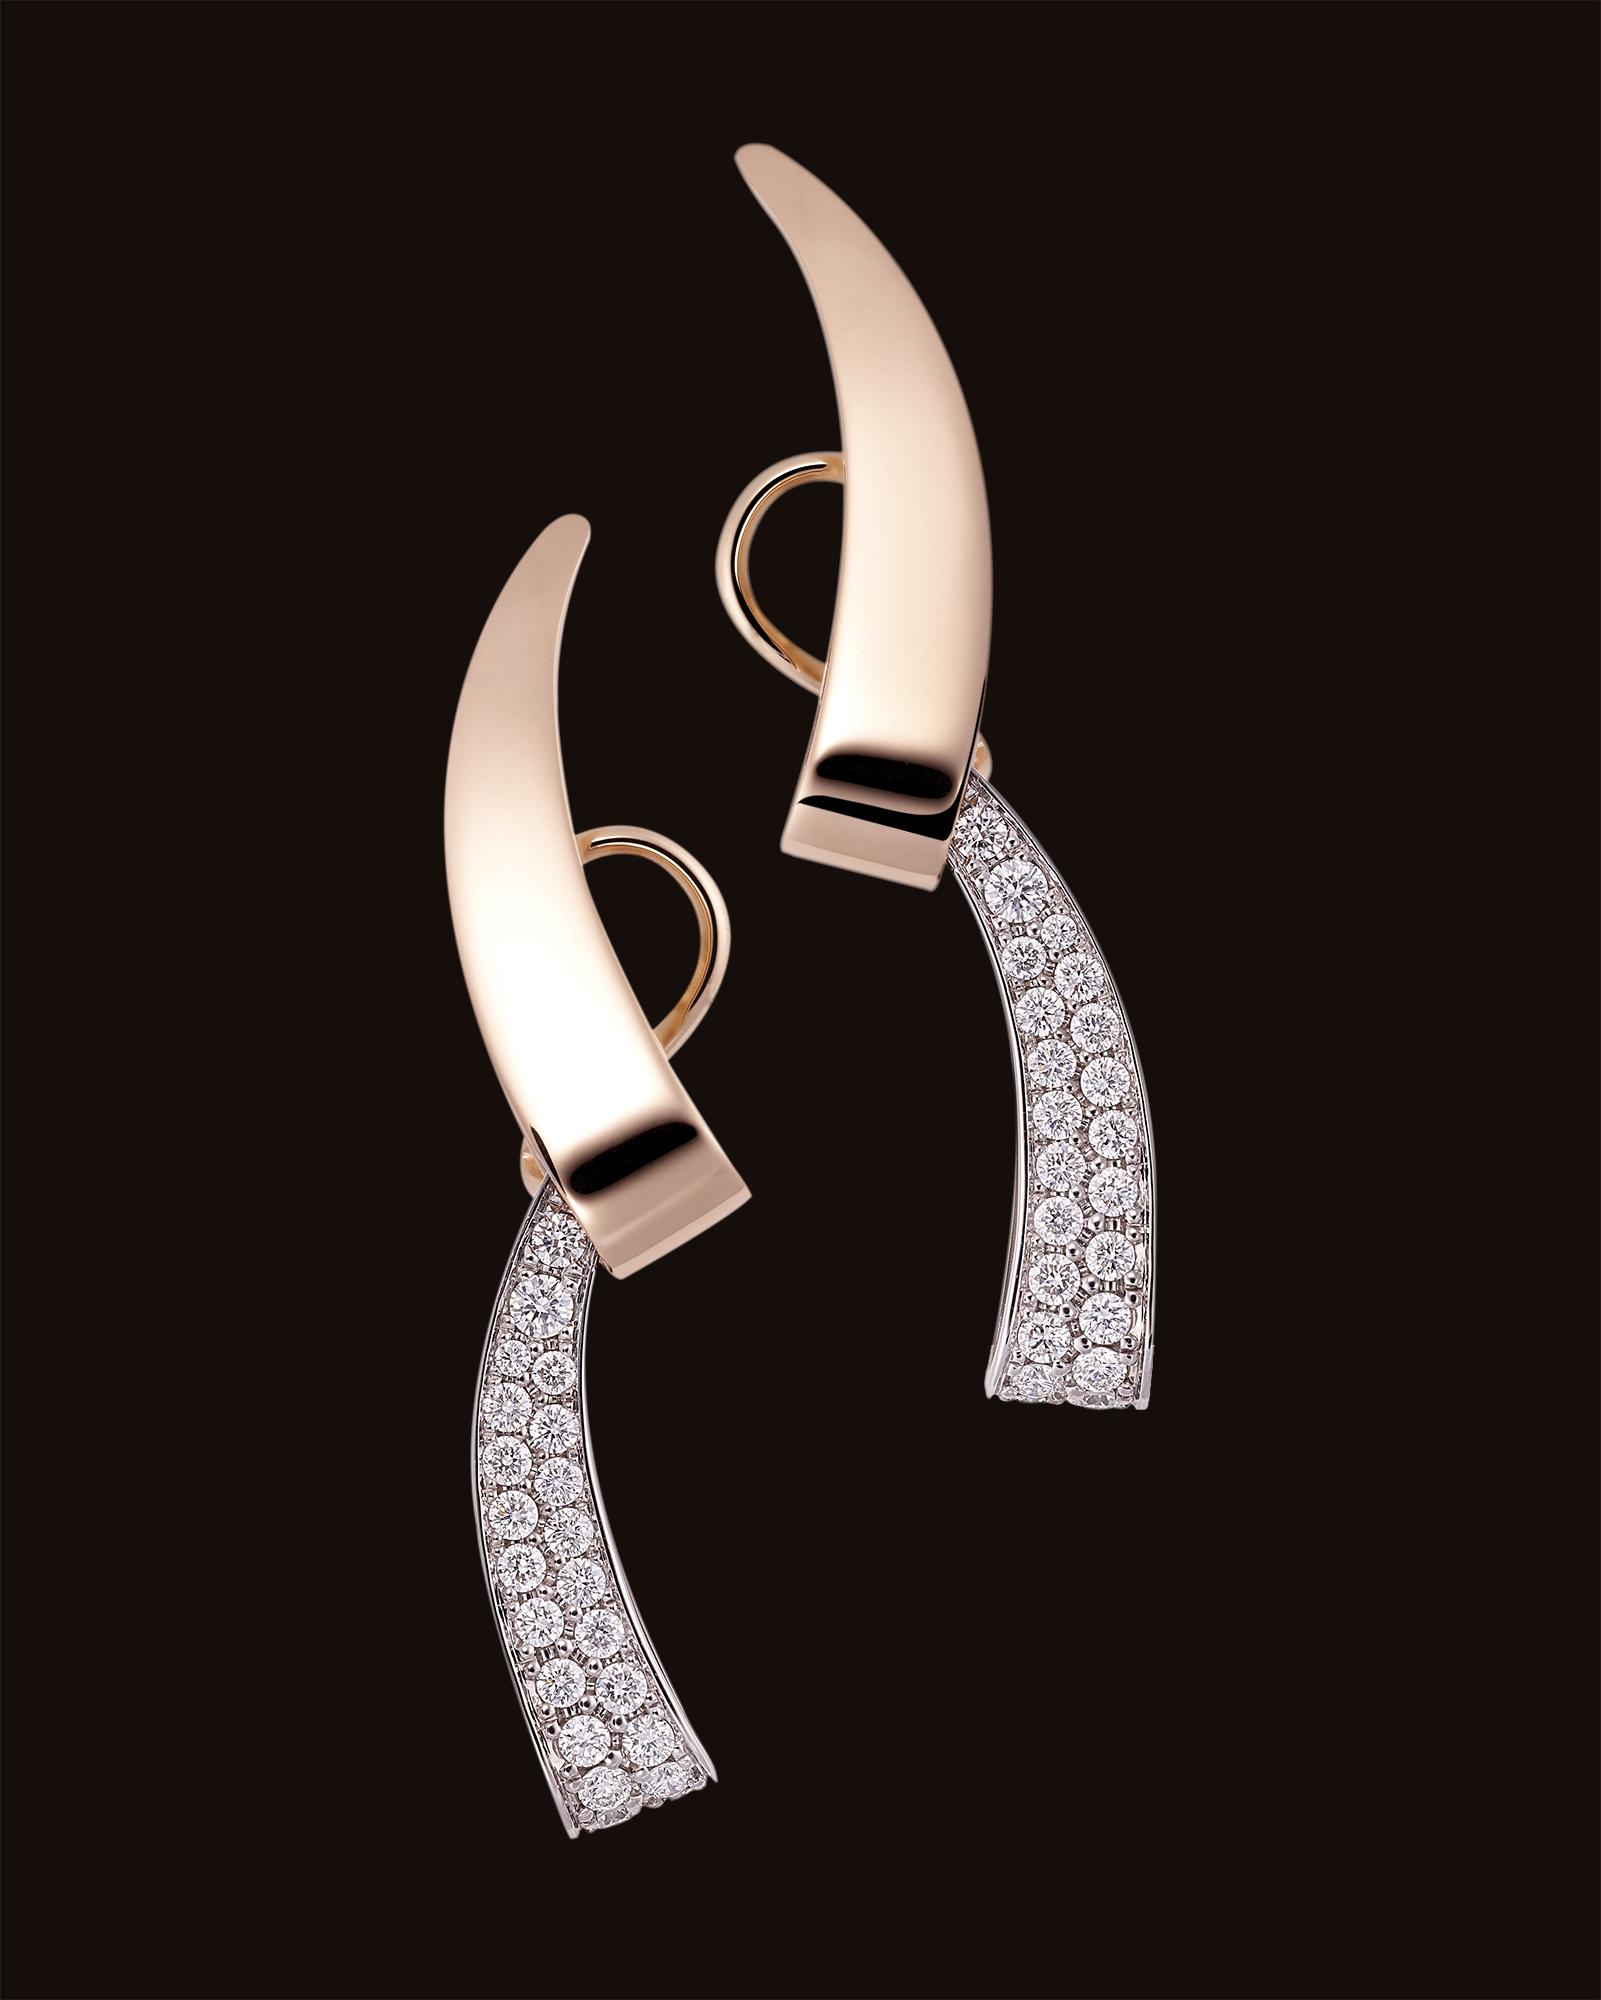 boucles d'oreilles haute joaillerie or serti de diamants